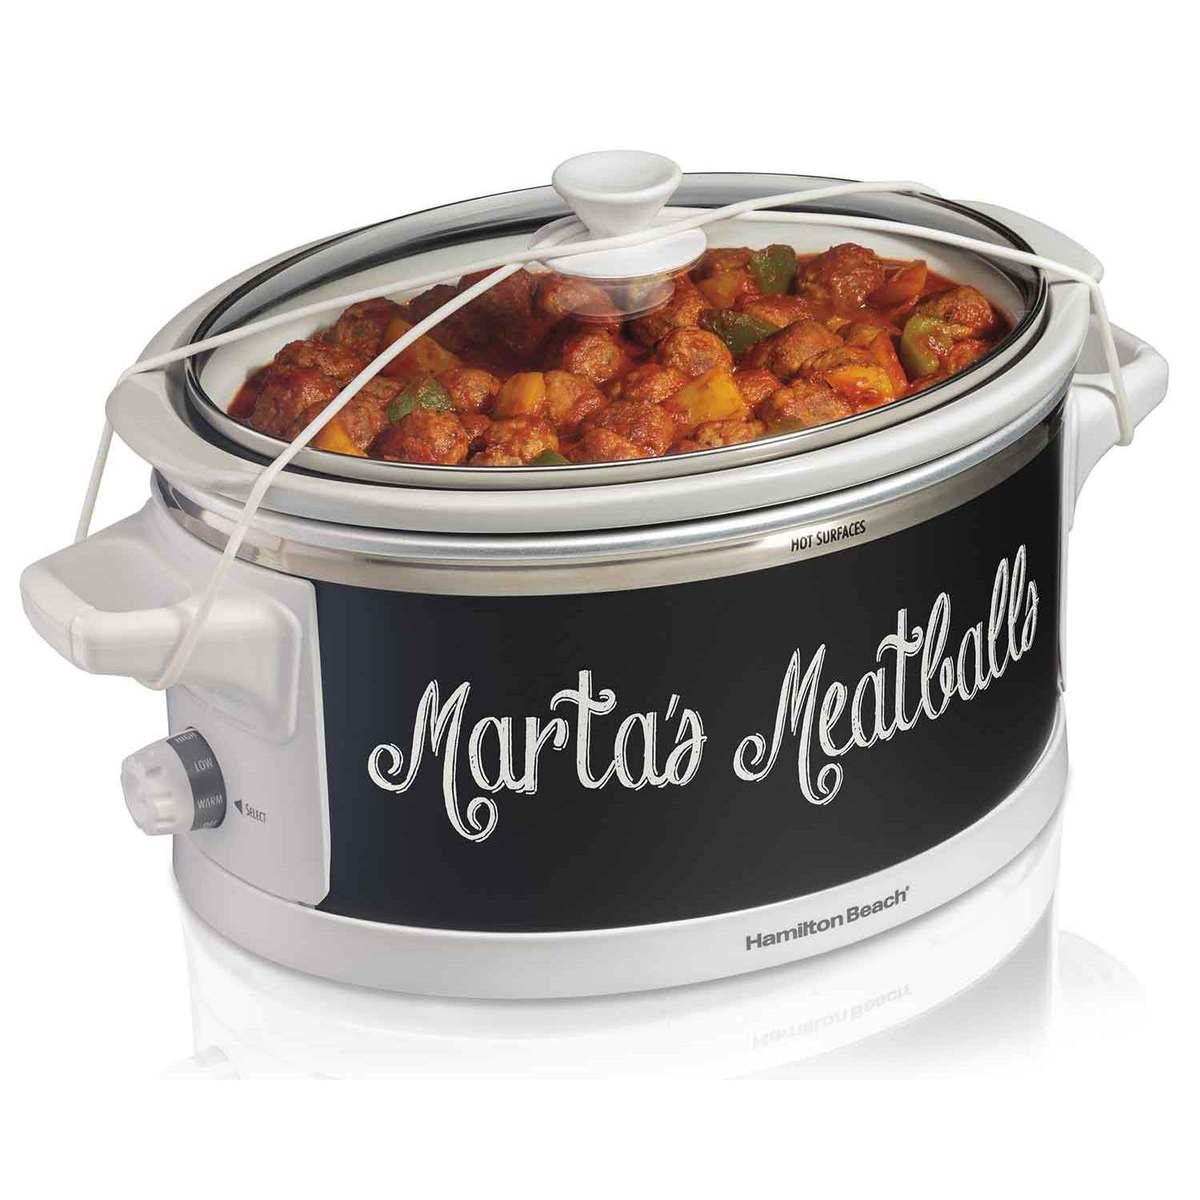 Wrap & Serve™ 6 Quart Slow Cooker (33761)